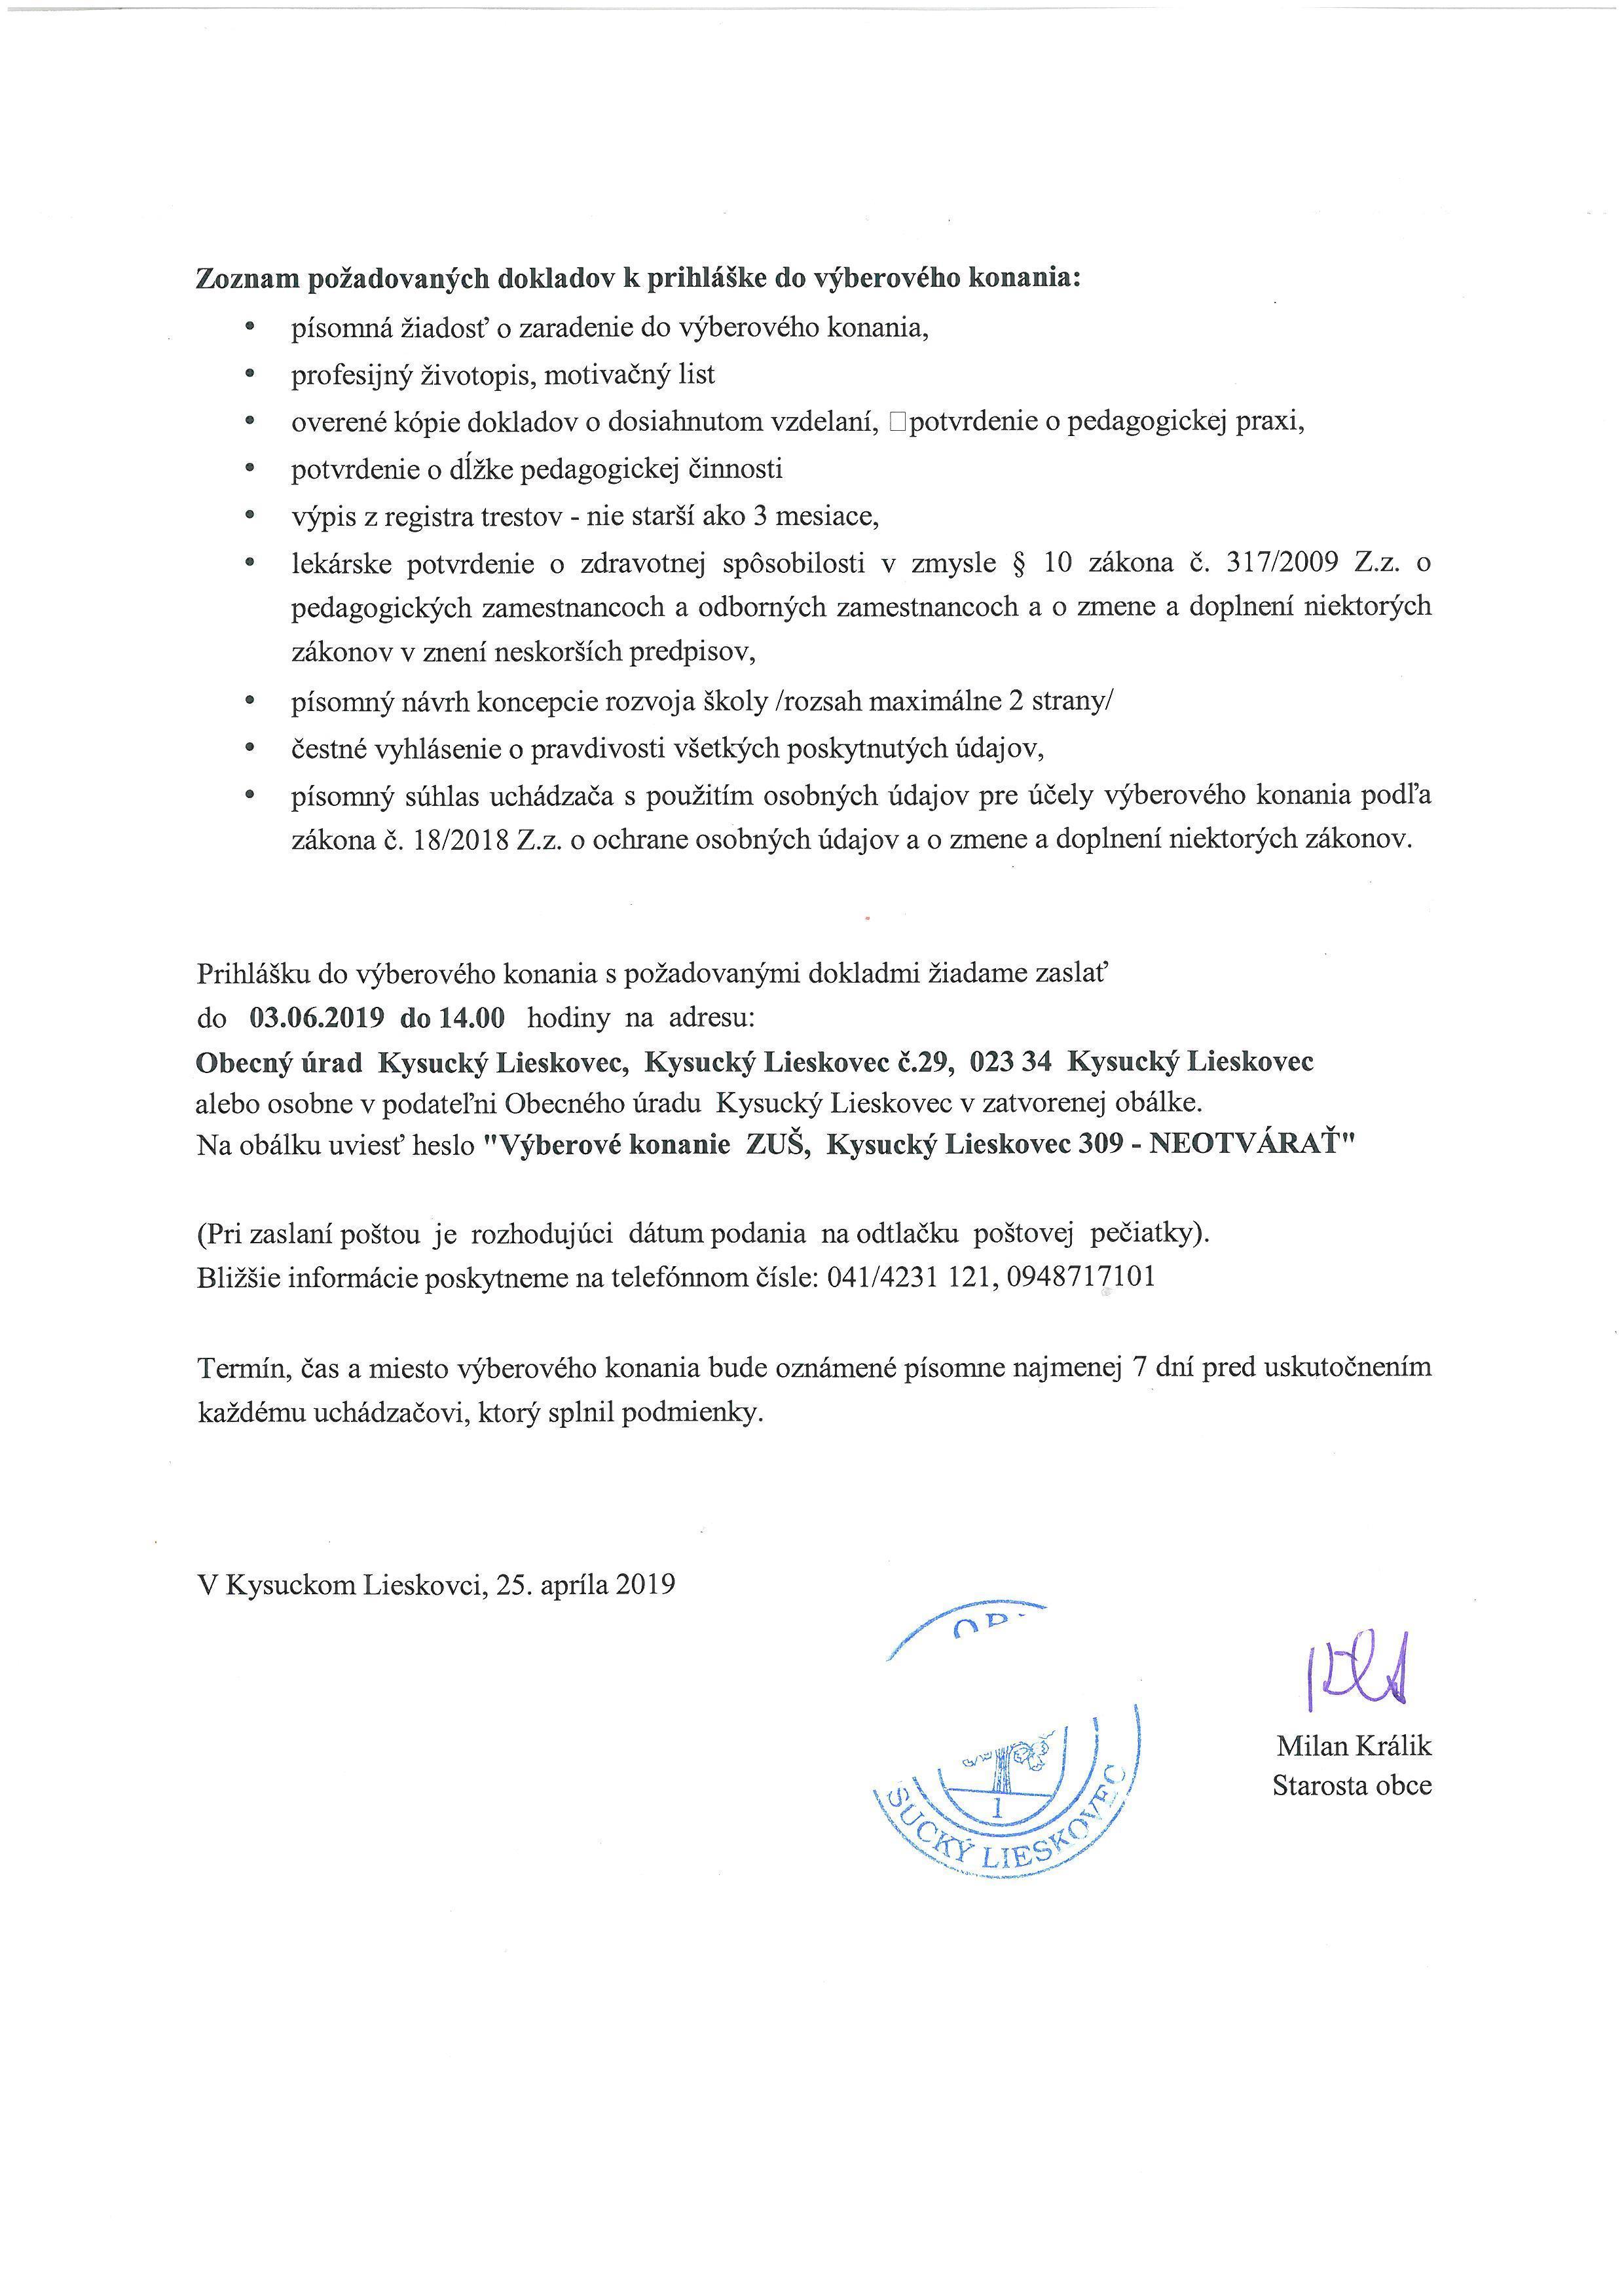 Vyhlásenie výberového konania na riaditeľa ZUŠ v Kysuckom Lieskovci